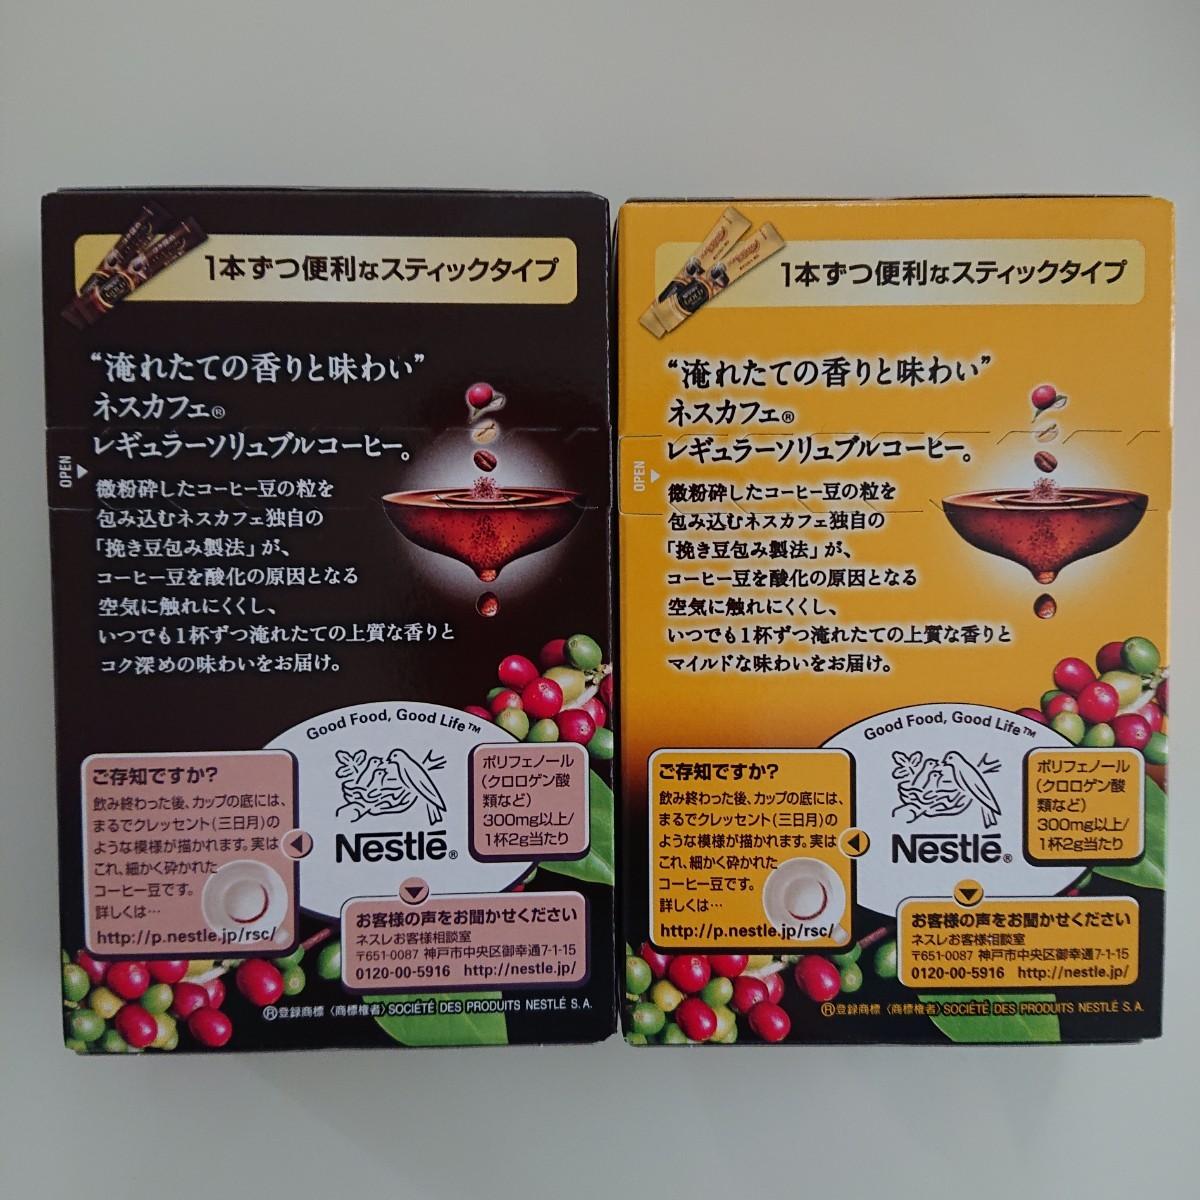 ネスカフェ ゴールドブレンドブラック コーヒースティック 2種